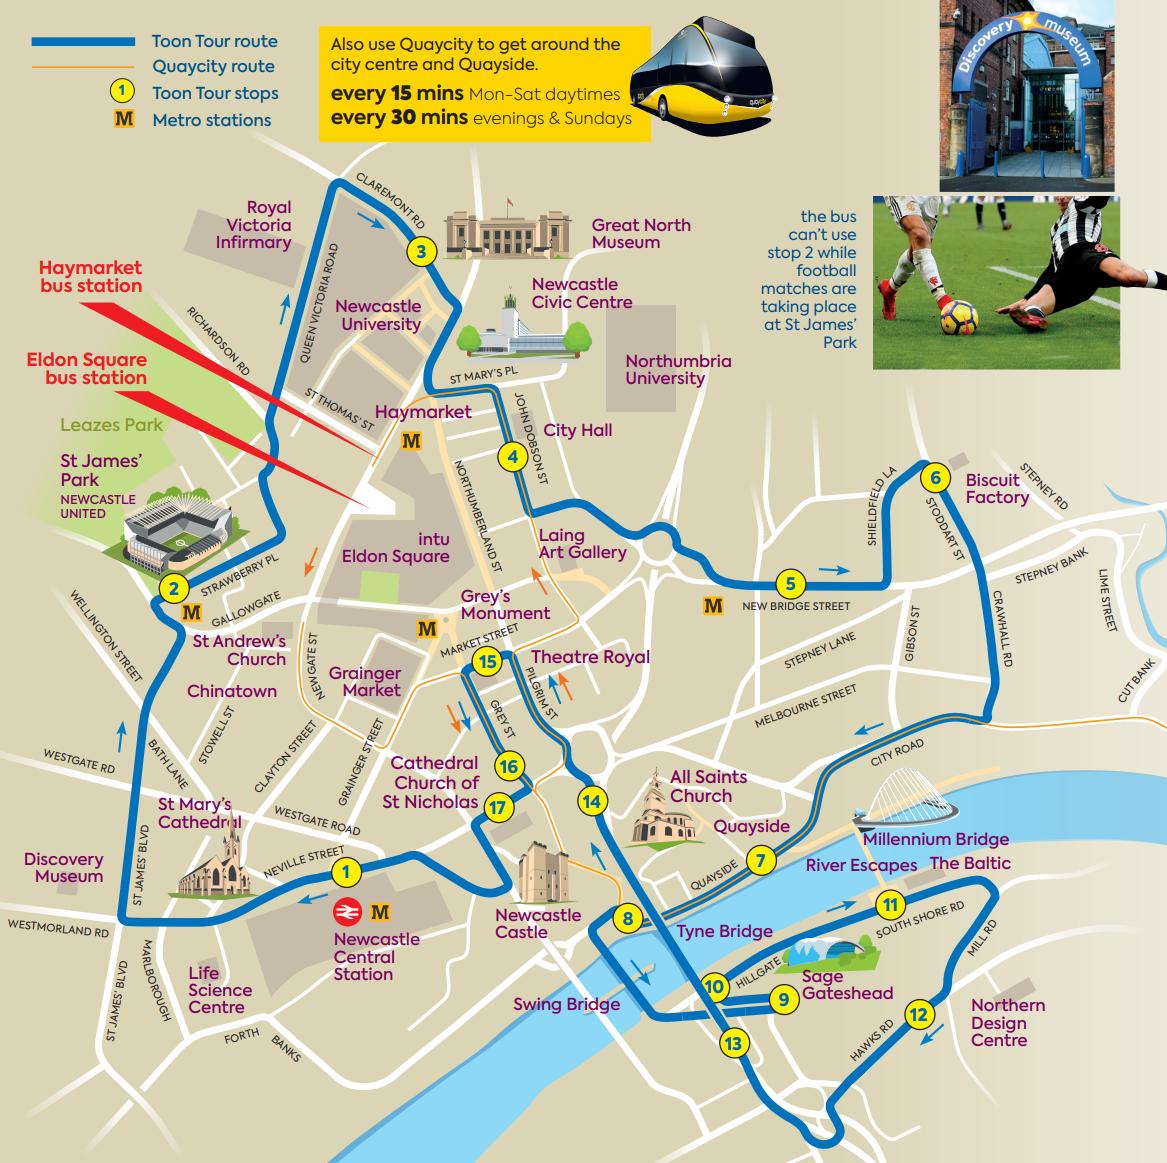 Toon Tour route